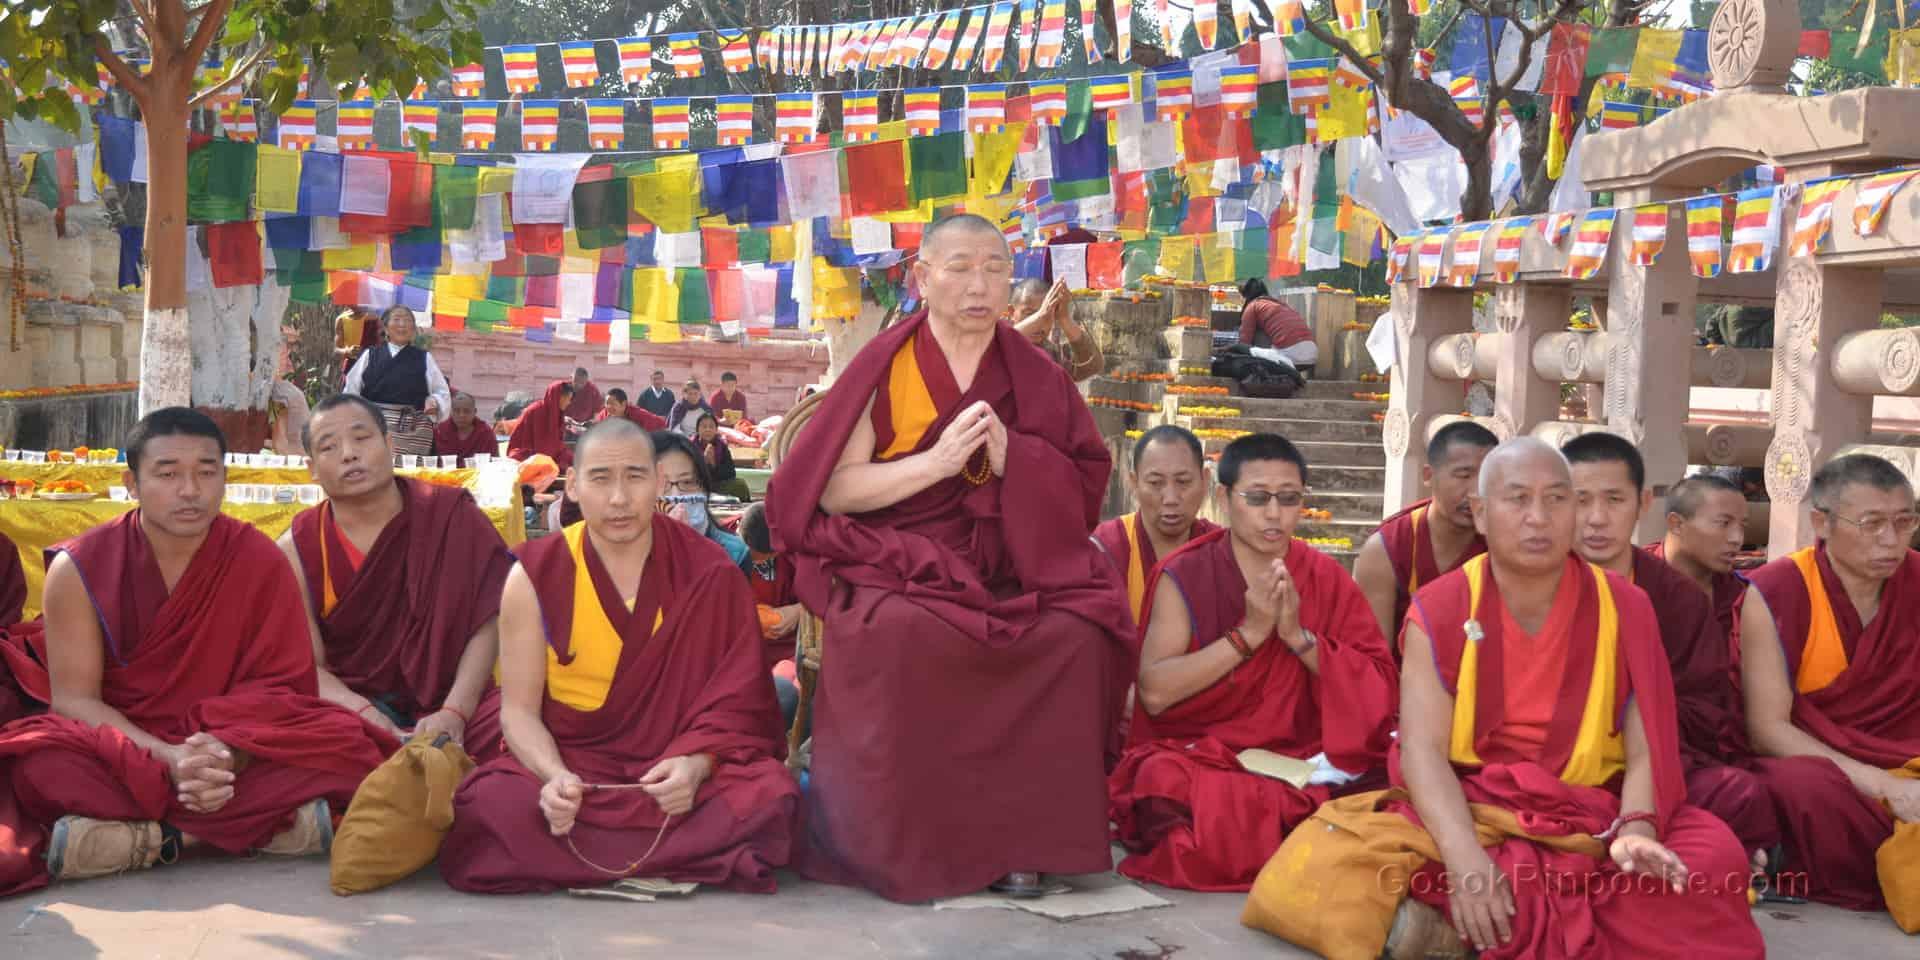 Gosok Rinpoche India 2012 DSC 1264 1920